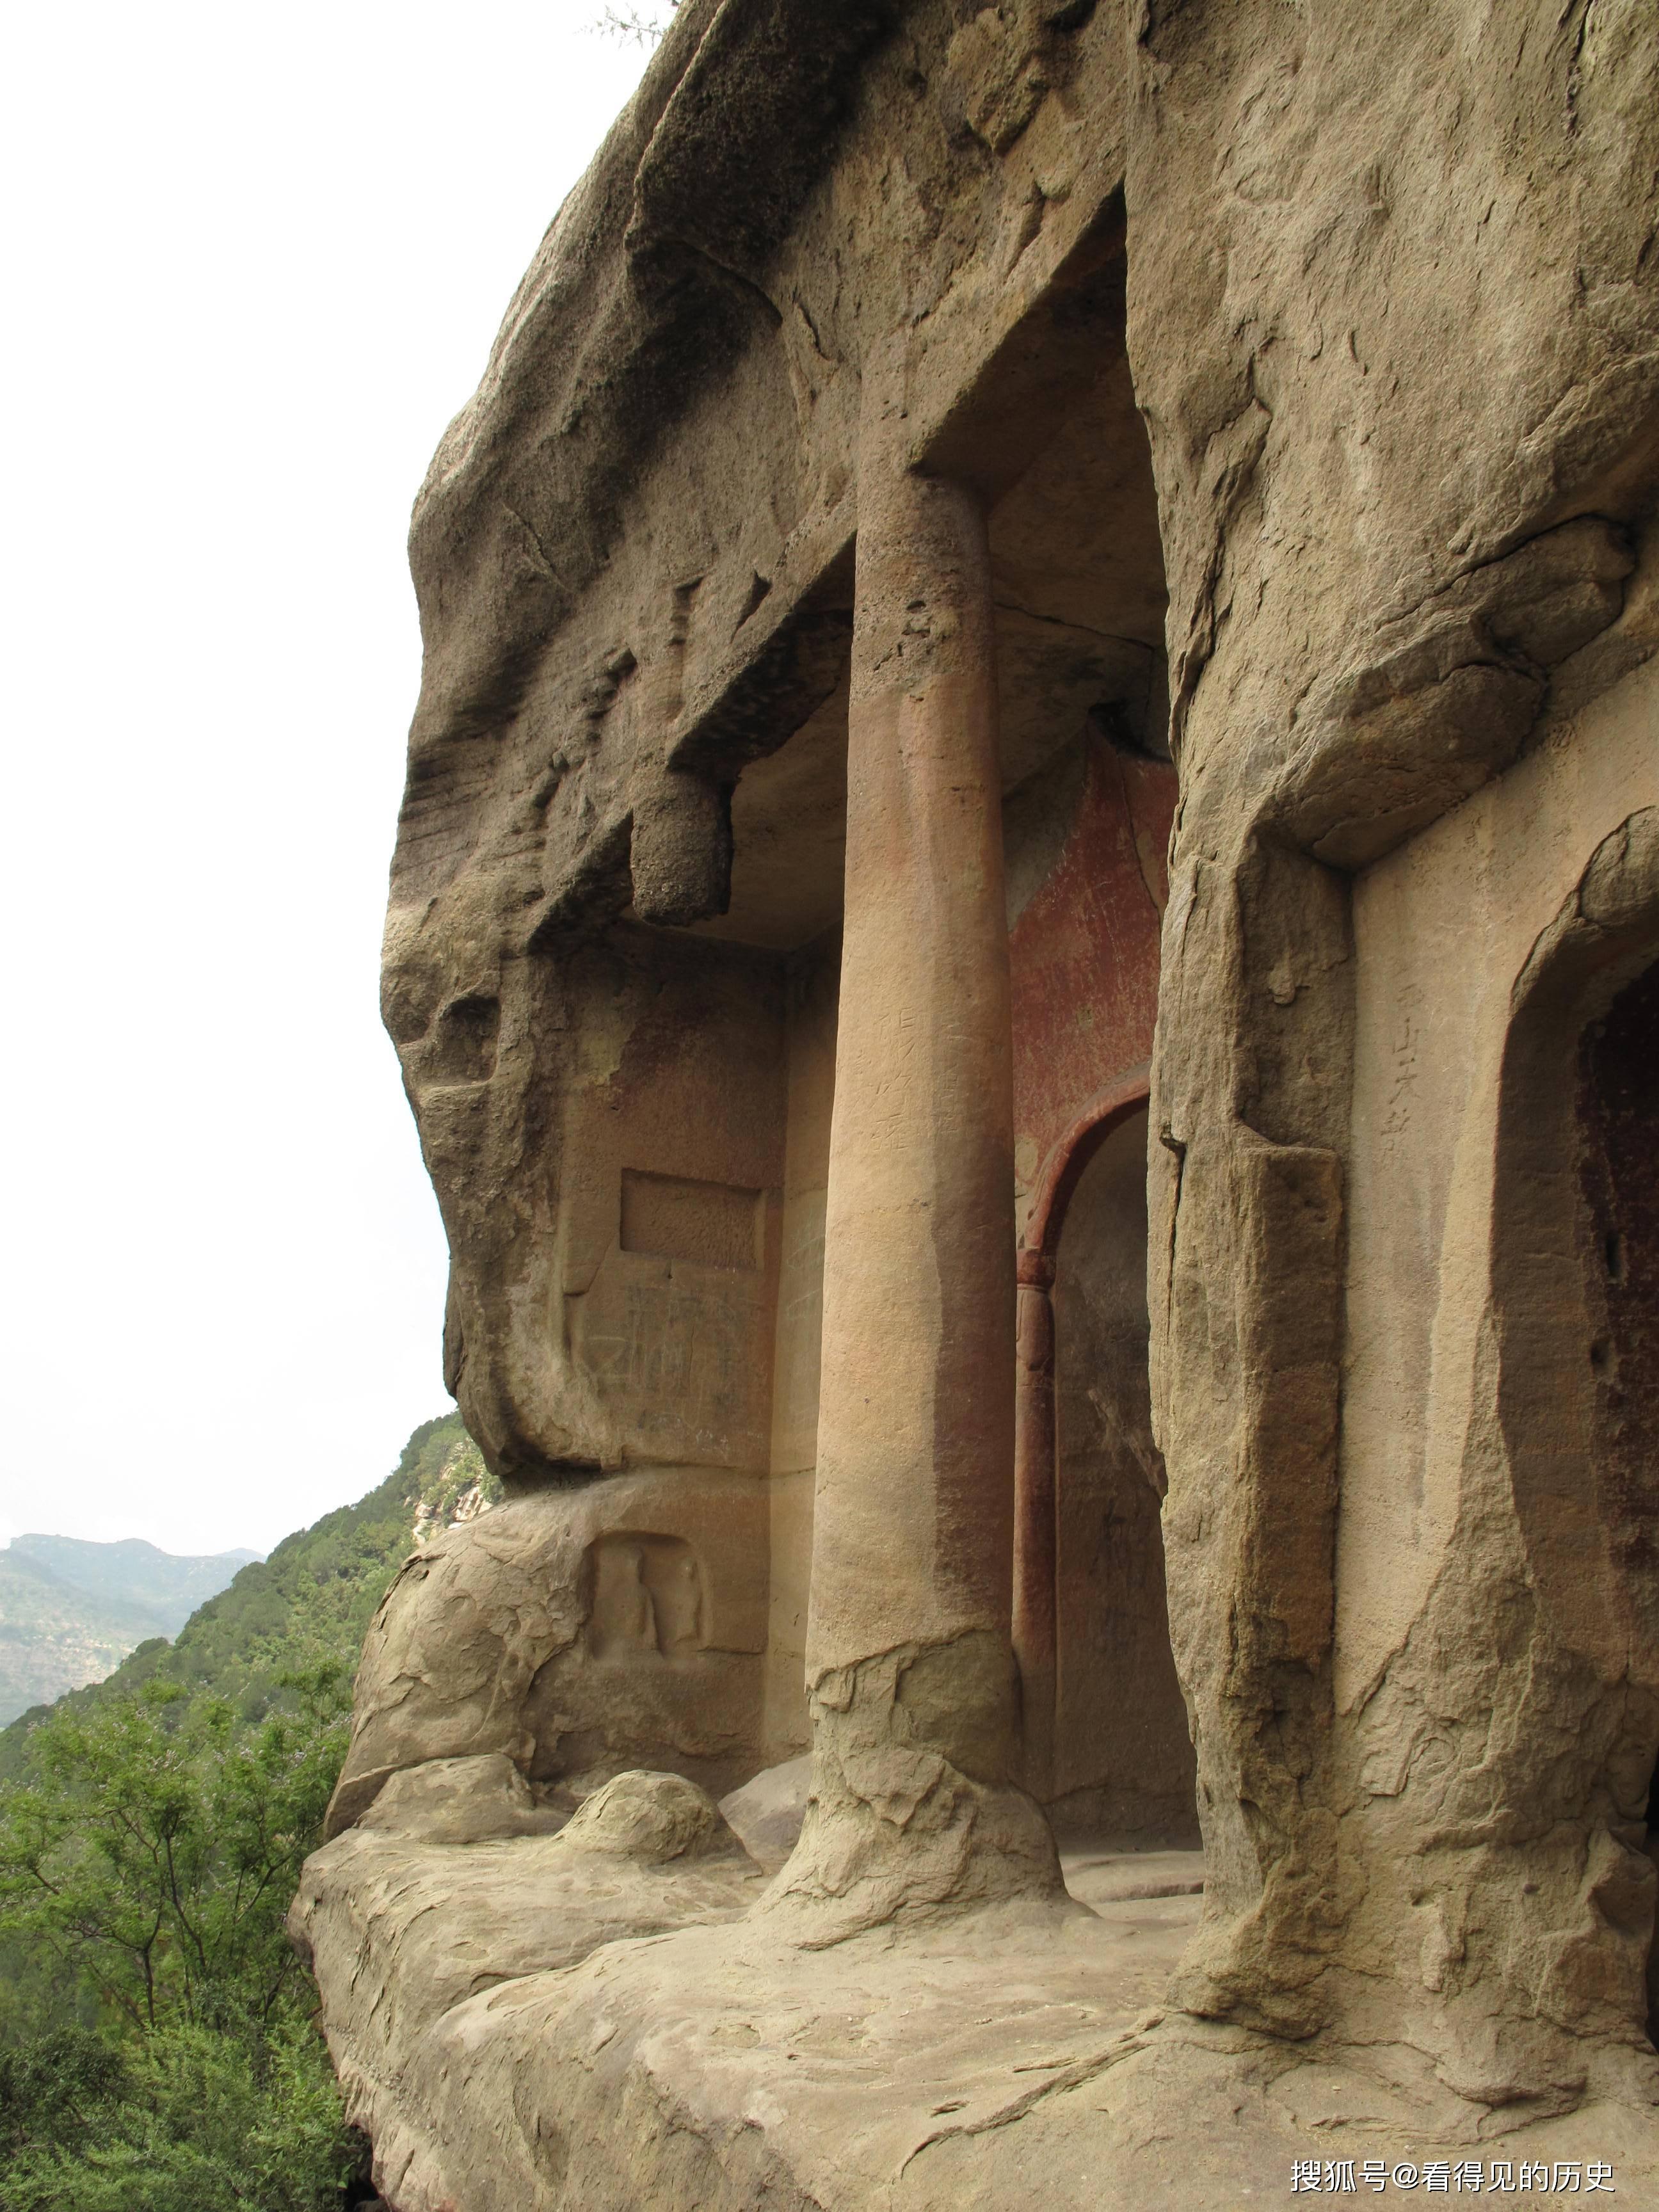 老照片 山西天龙山石窟第八窟今昔对比  第3张